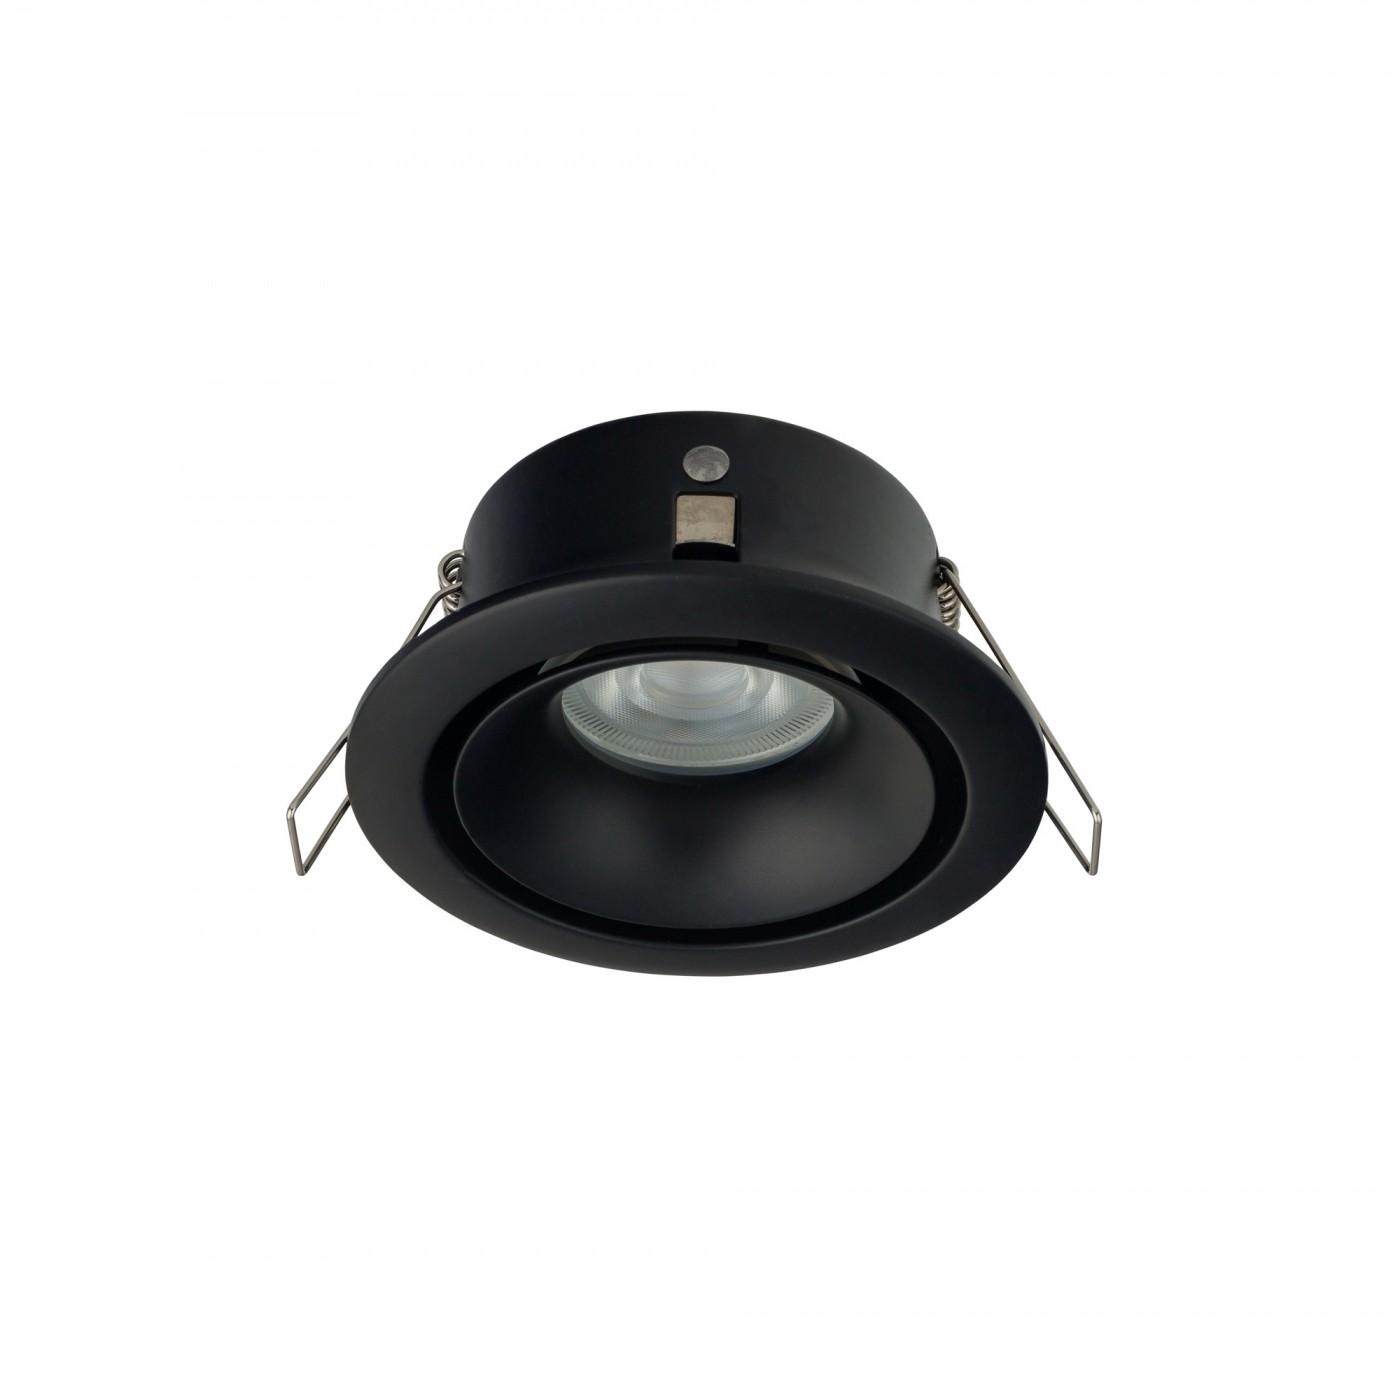 FOXTROT black 8374 Nowodvorski Lighting